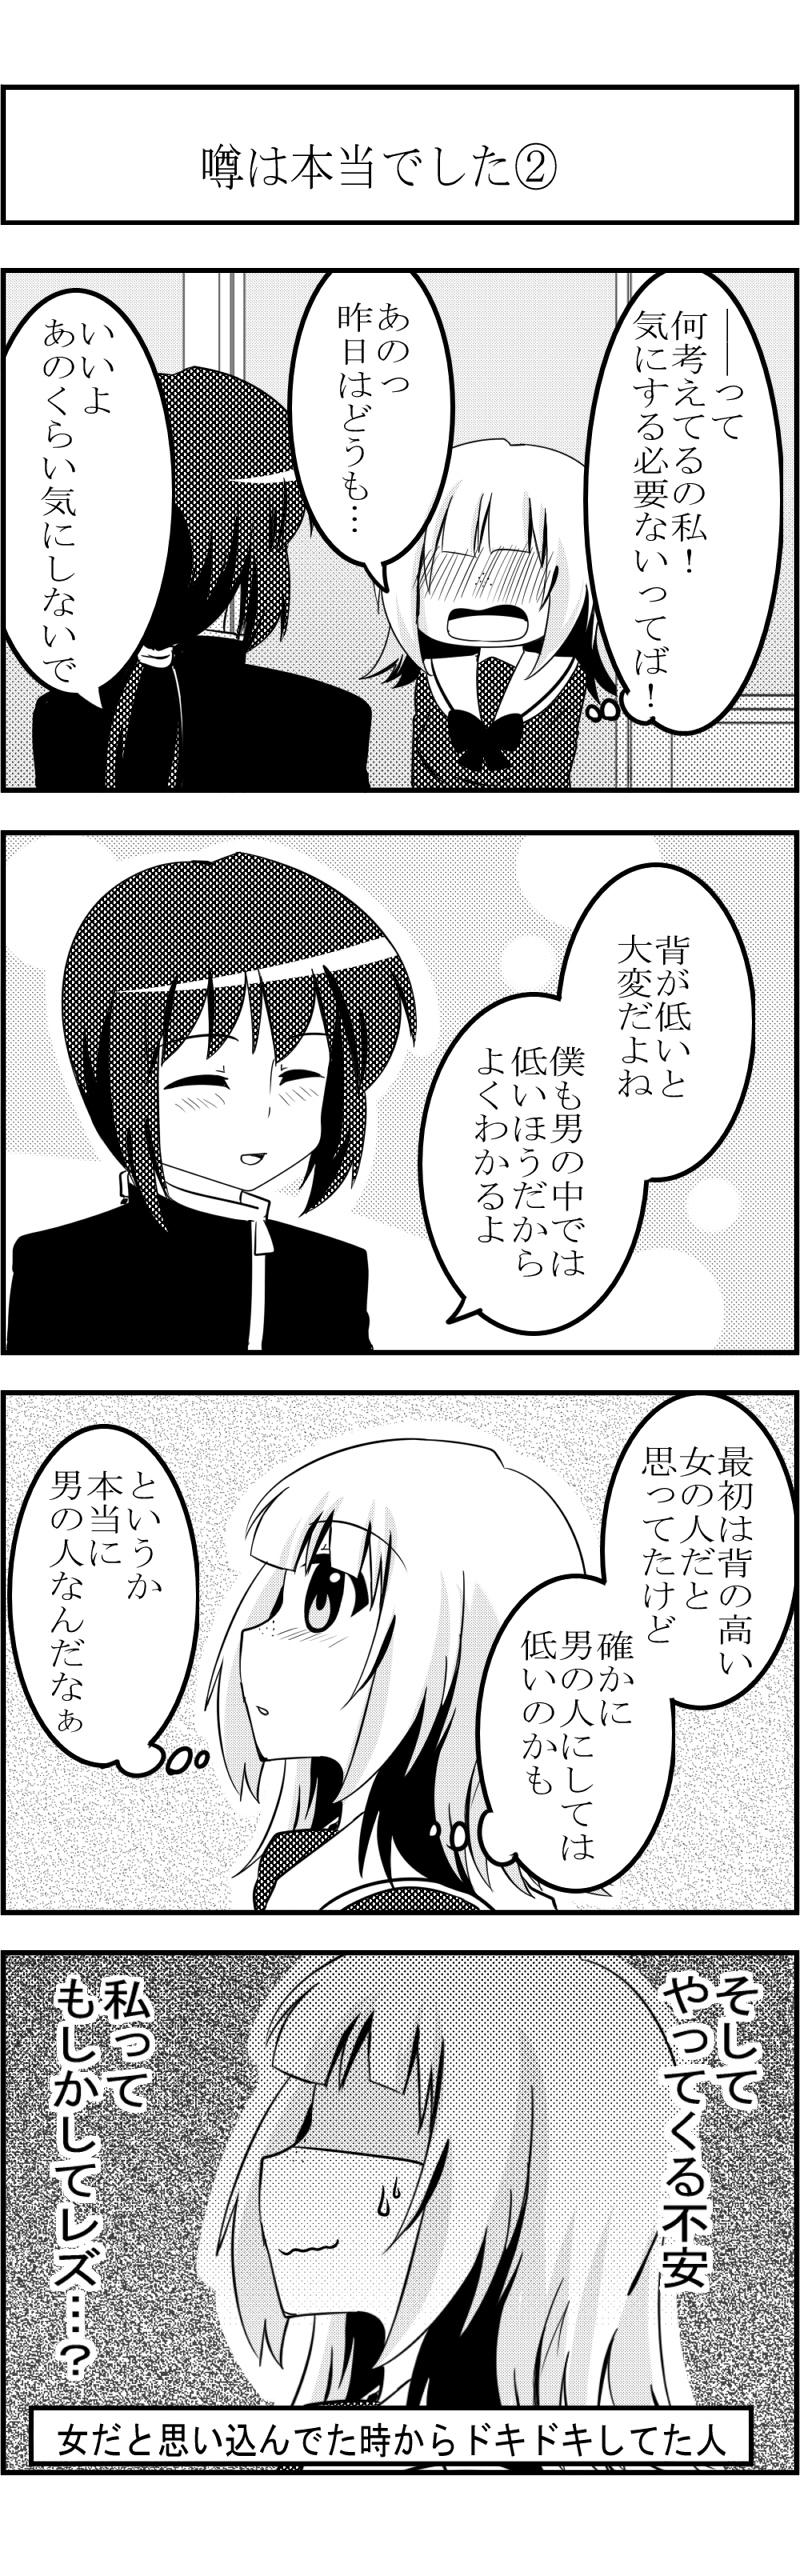 厄介恋愛4コマ